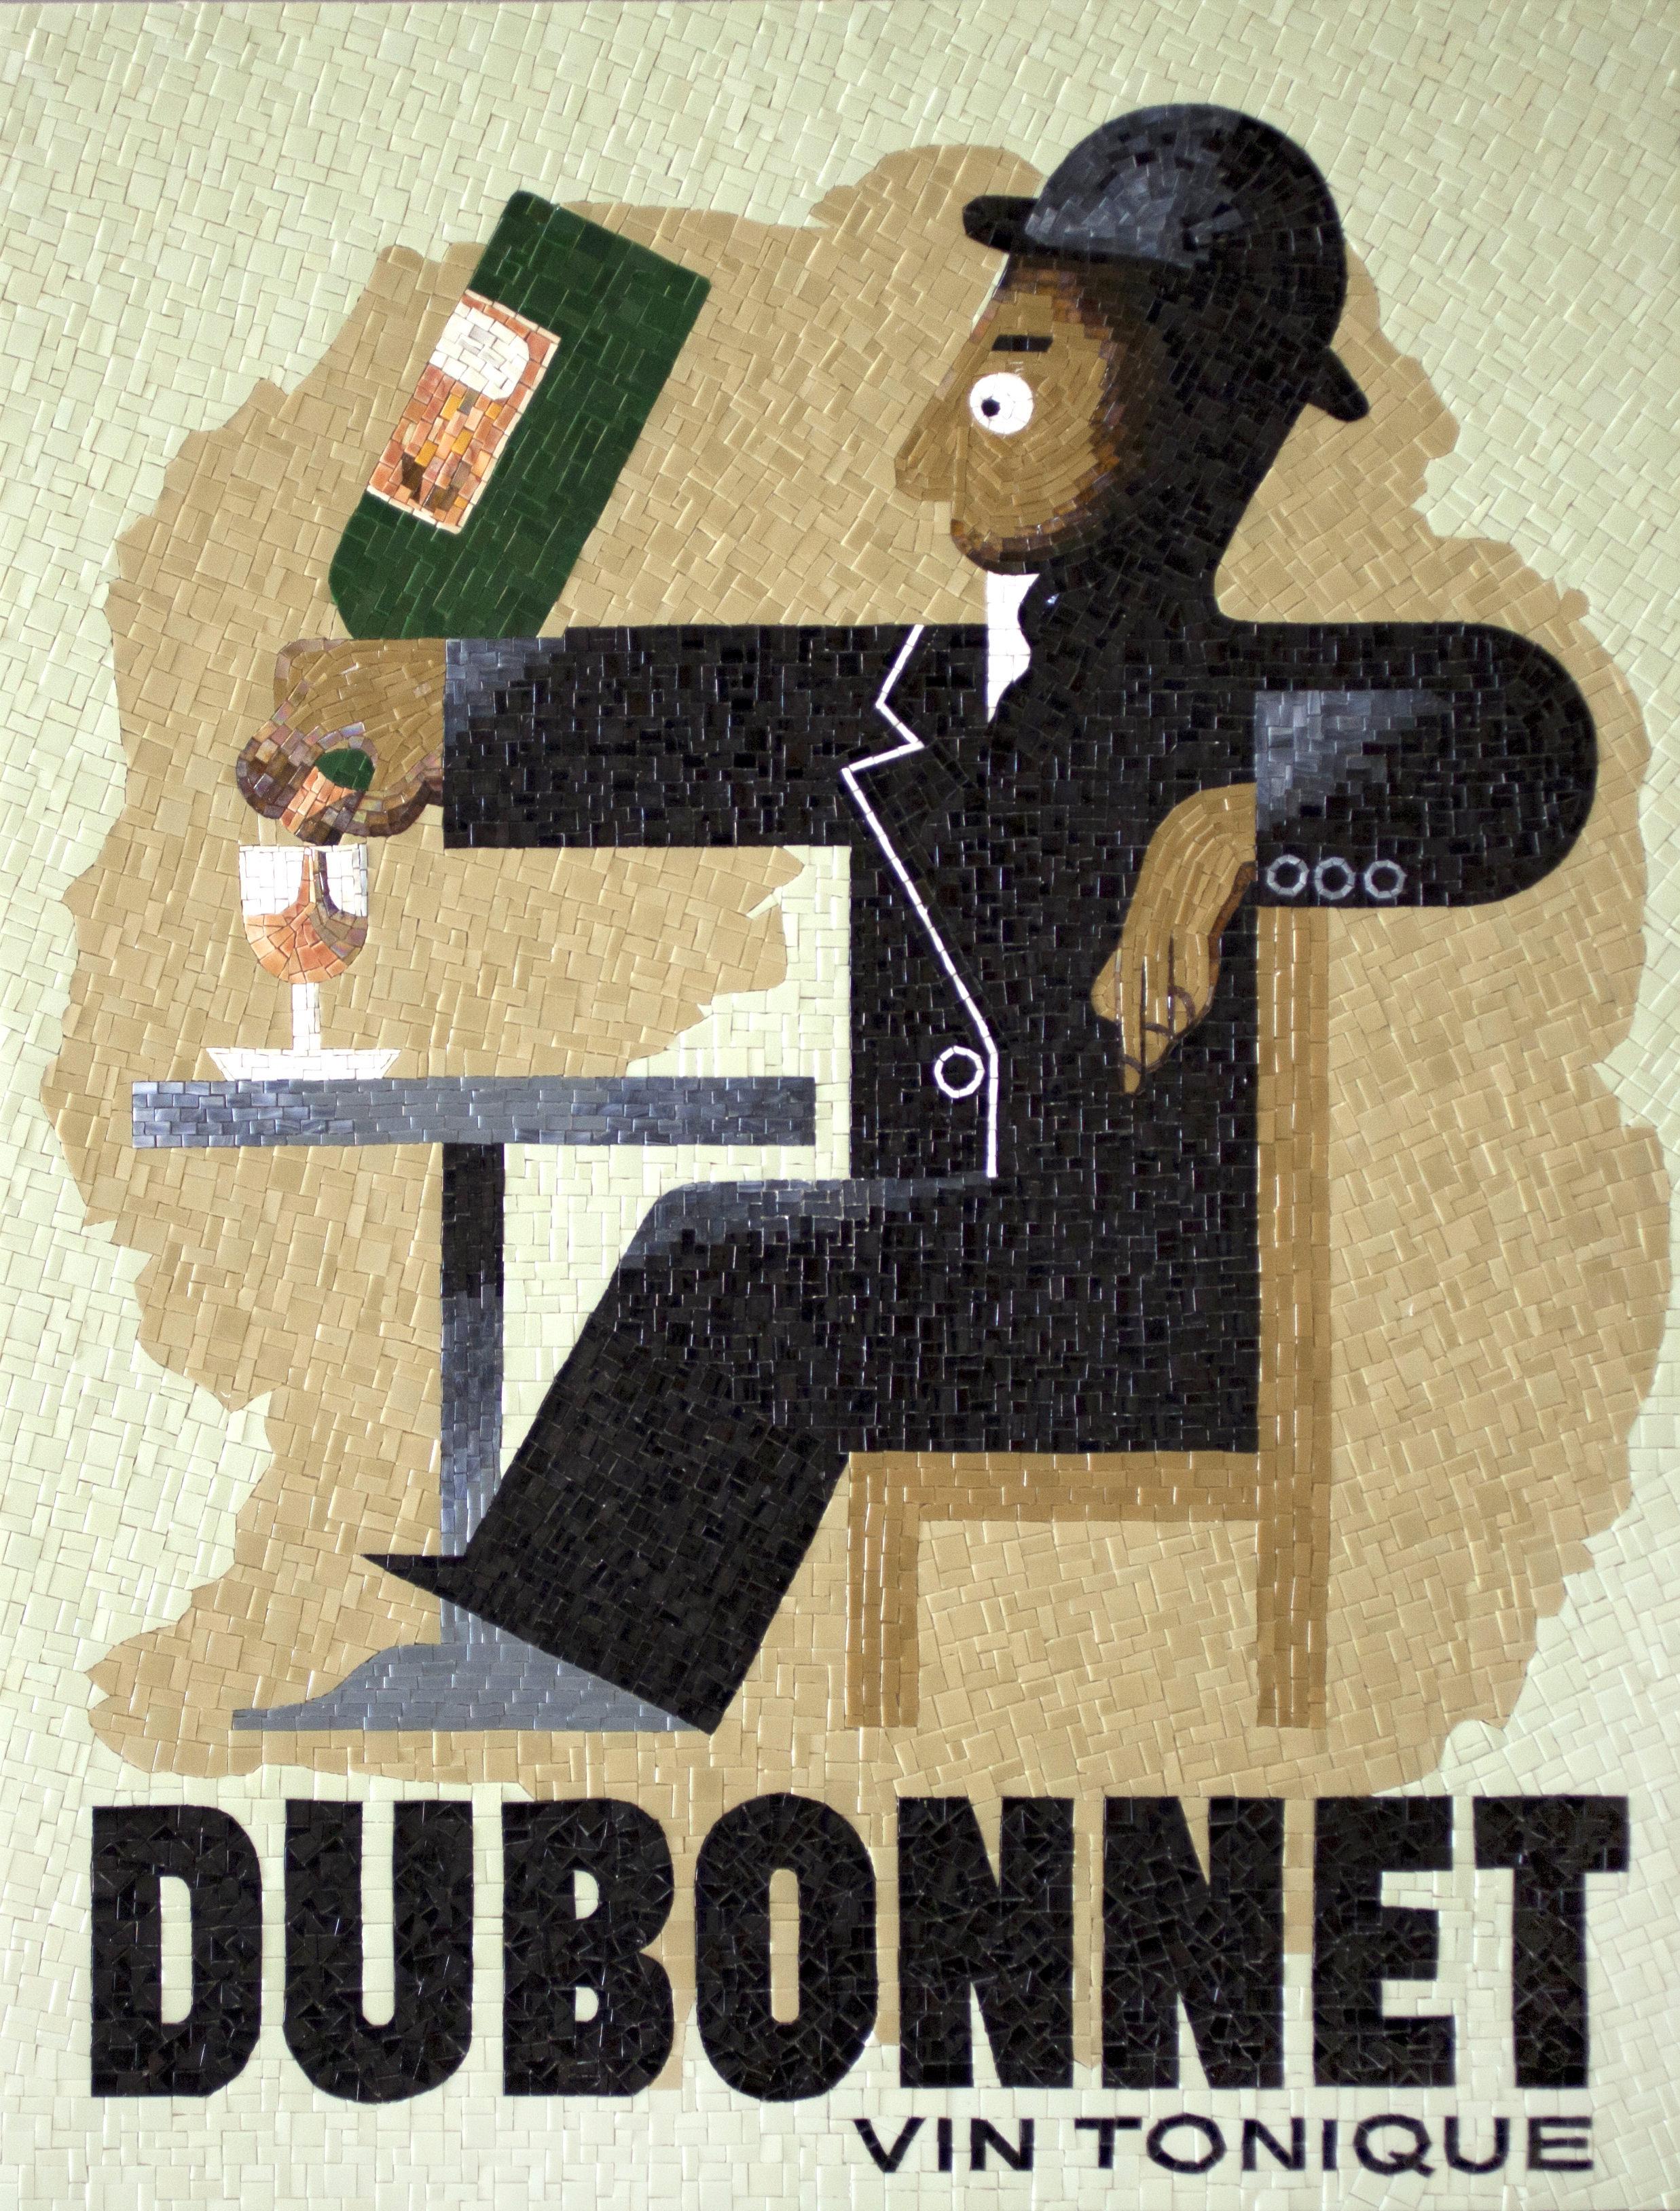 Dubonnet, Vintage Advertisement